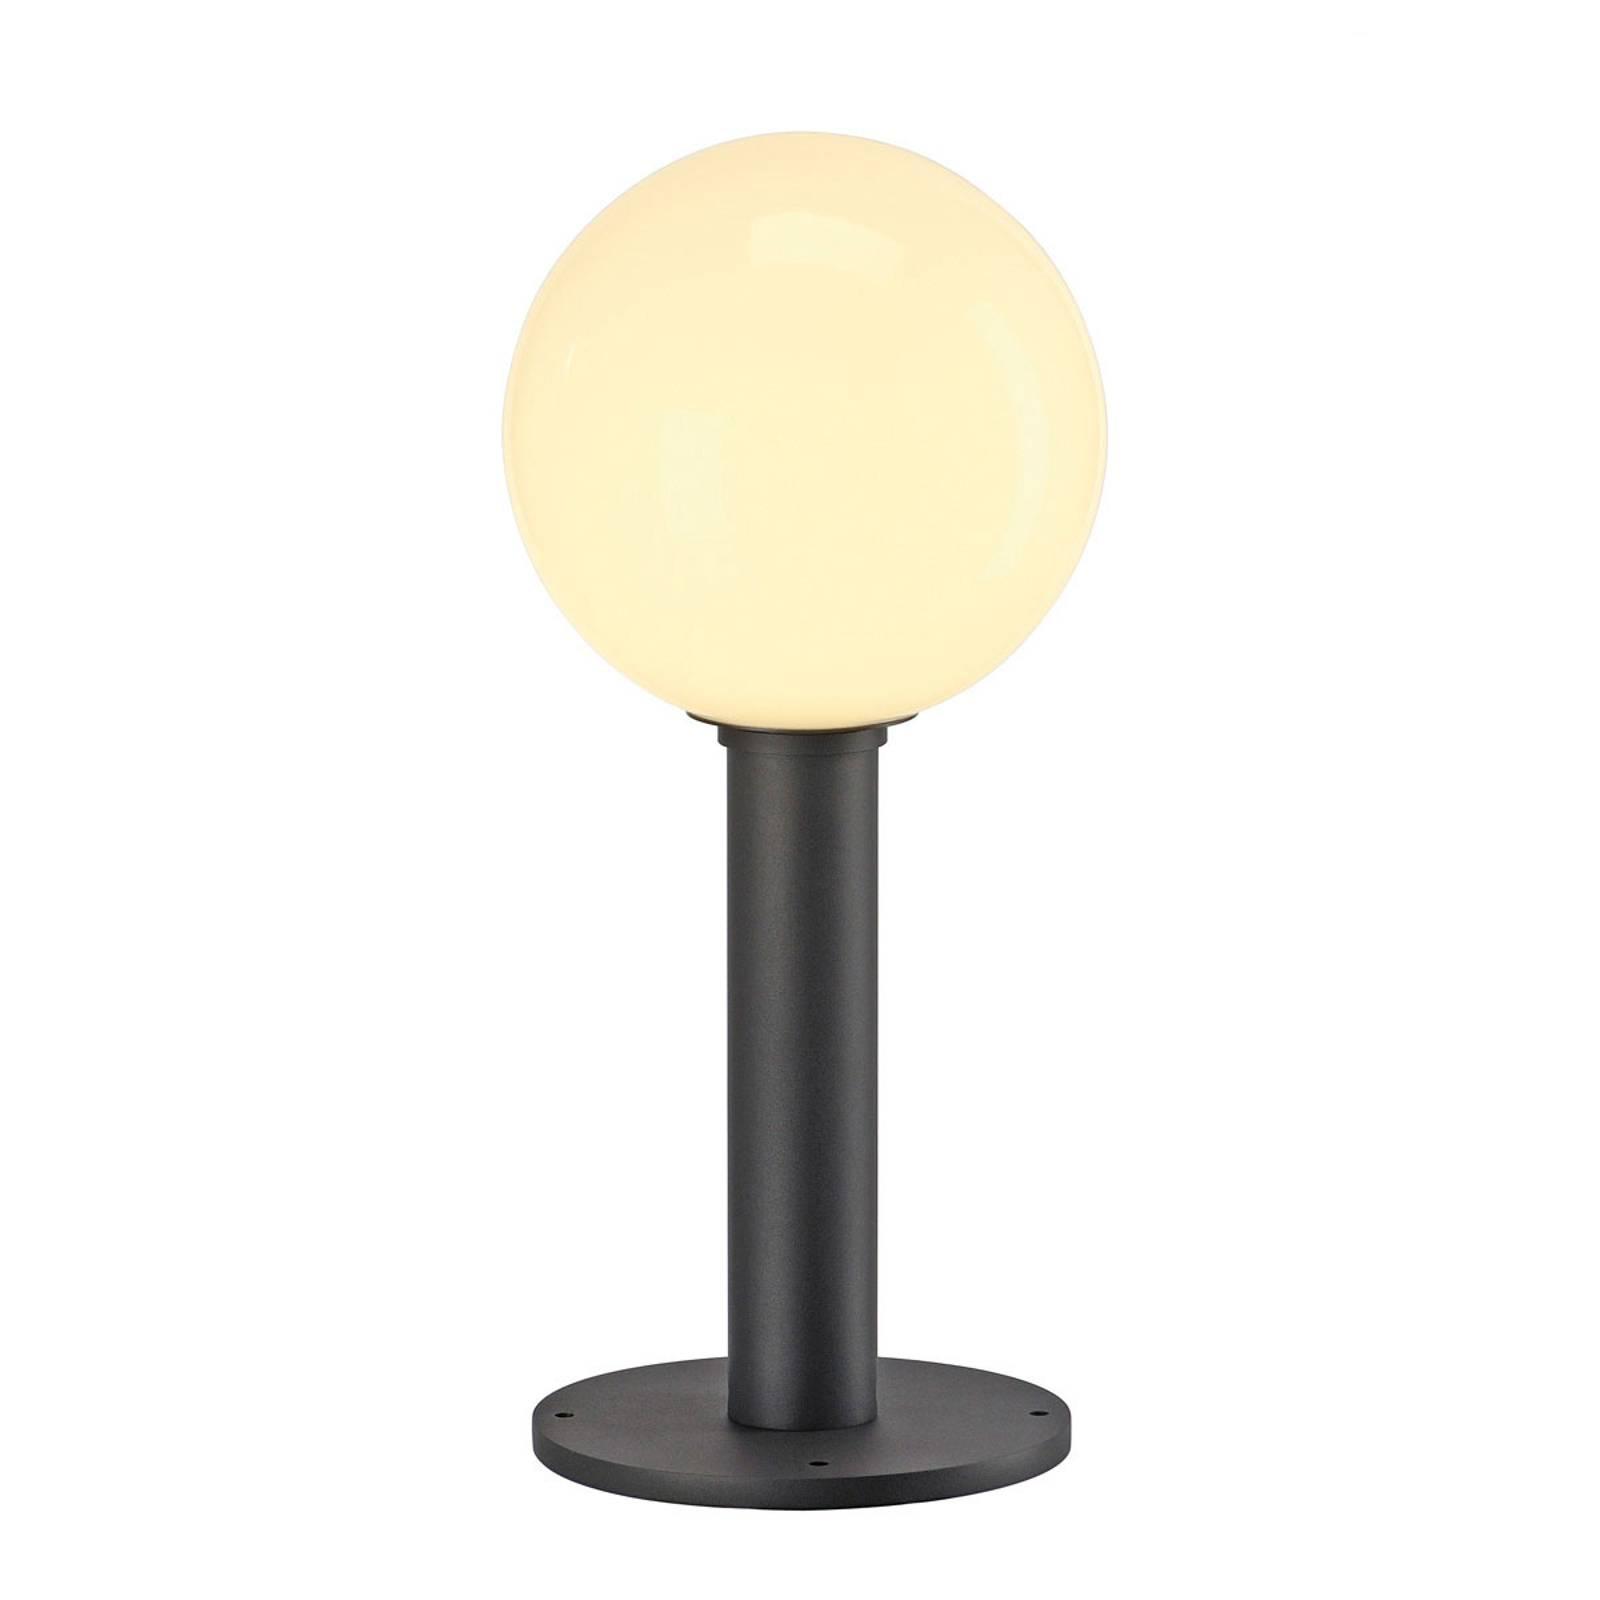 SLV Gloo Pure 44 lampioncino, altezza 44 cm